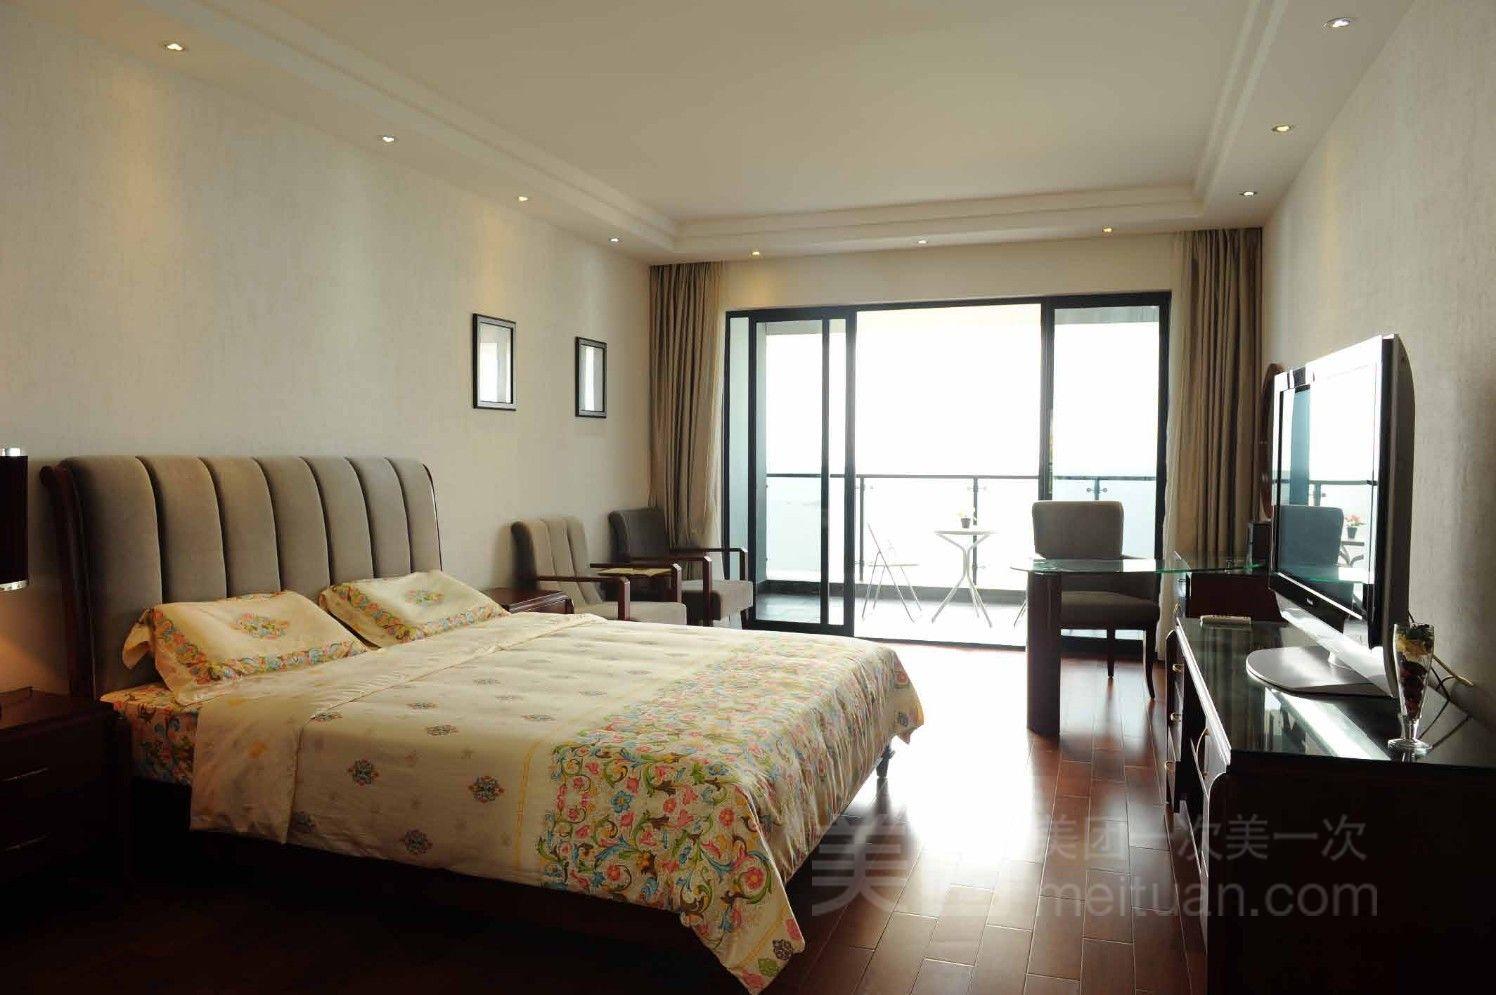 大梅沙1加1海景酒店公寓预订/团购